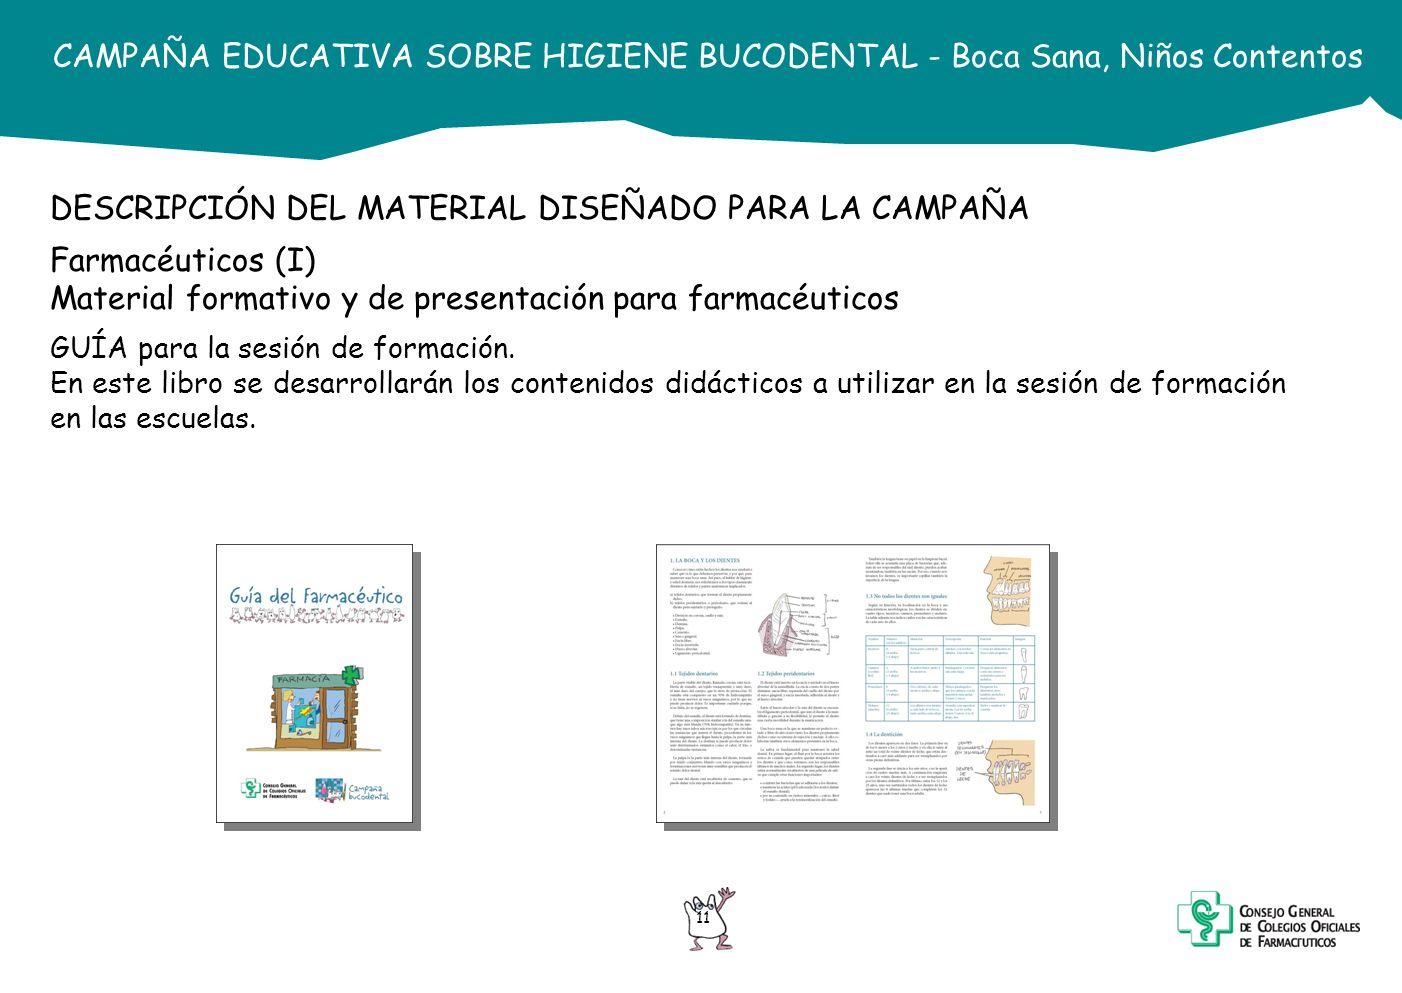 DESCRIPCIÓN DEL MATERIAL DISEÑADO PARA LA CAMPAÑA Farmacéuticos (I)